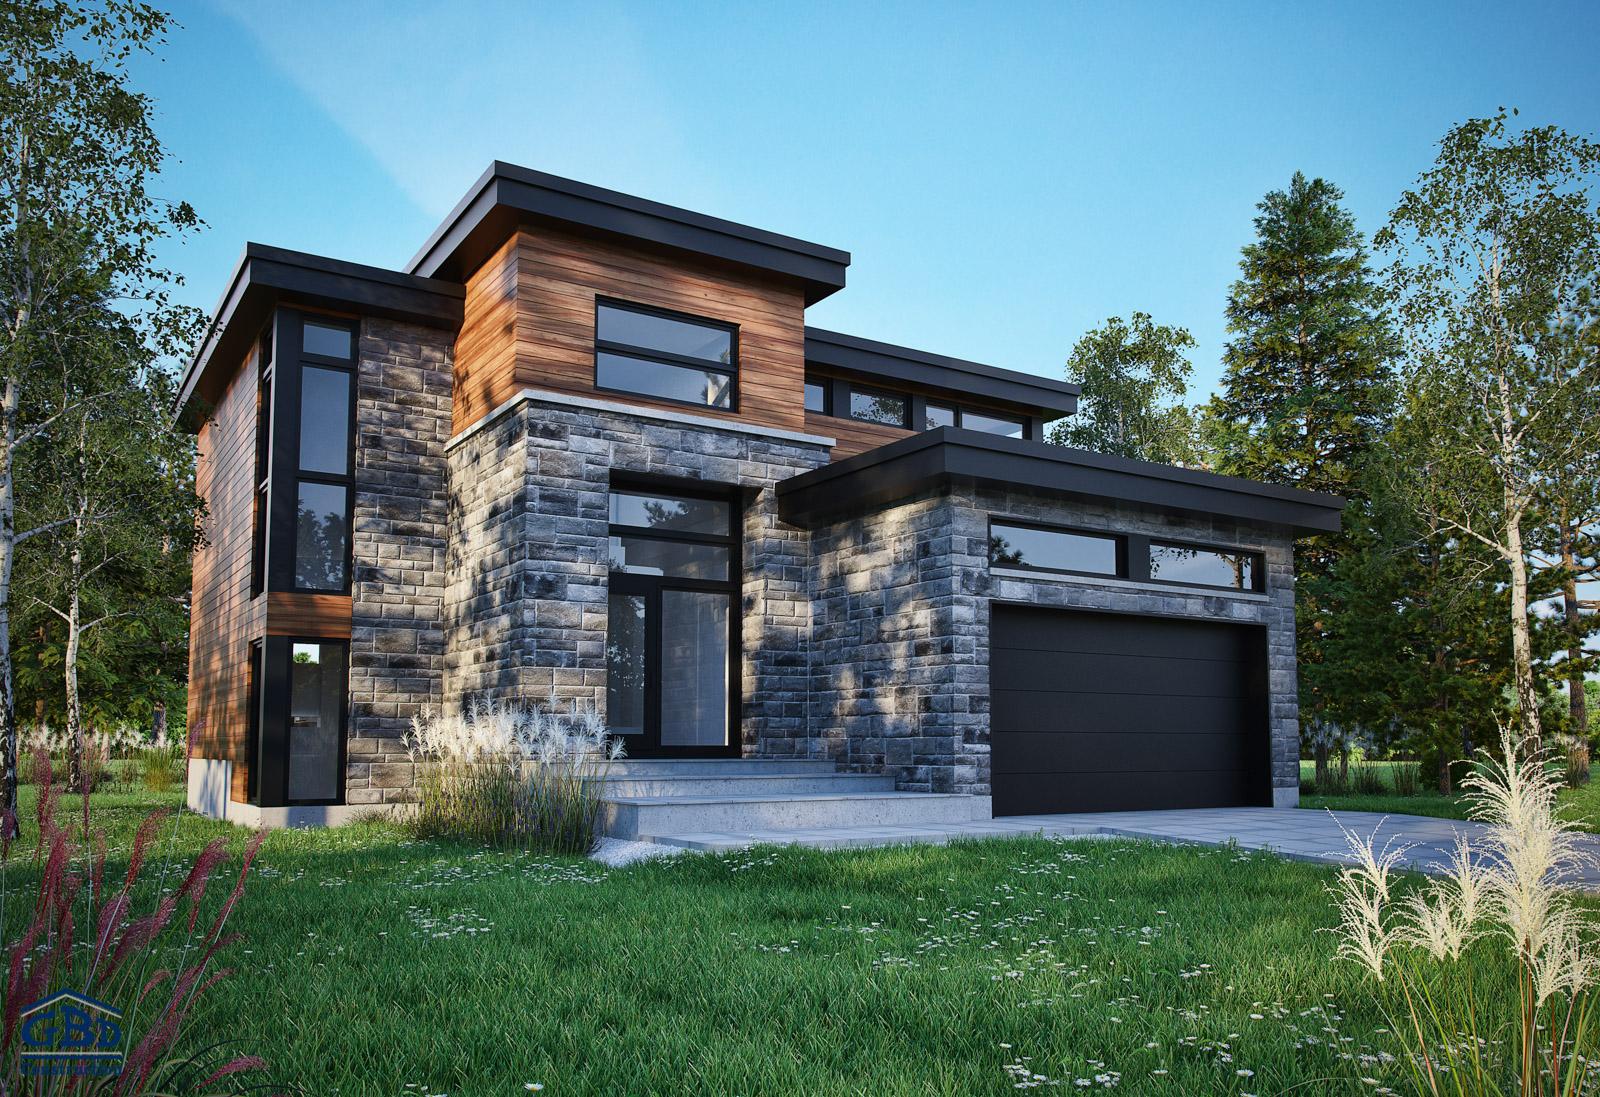 neuve maison stunning projet maison neuve maisons neuves sur la rive sud with neuve maison. Black Bedroom Furniture Sets. Home Design Ideas